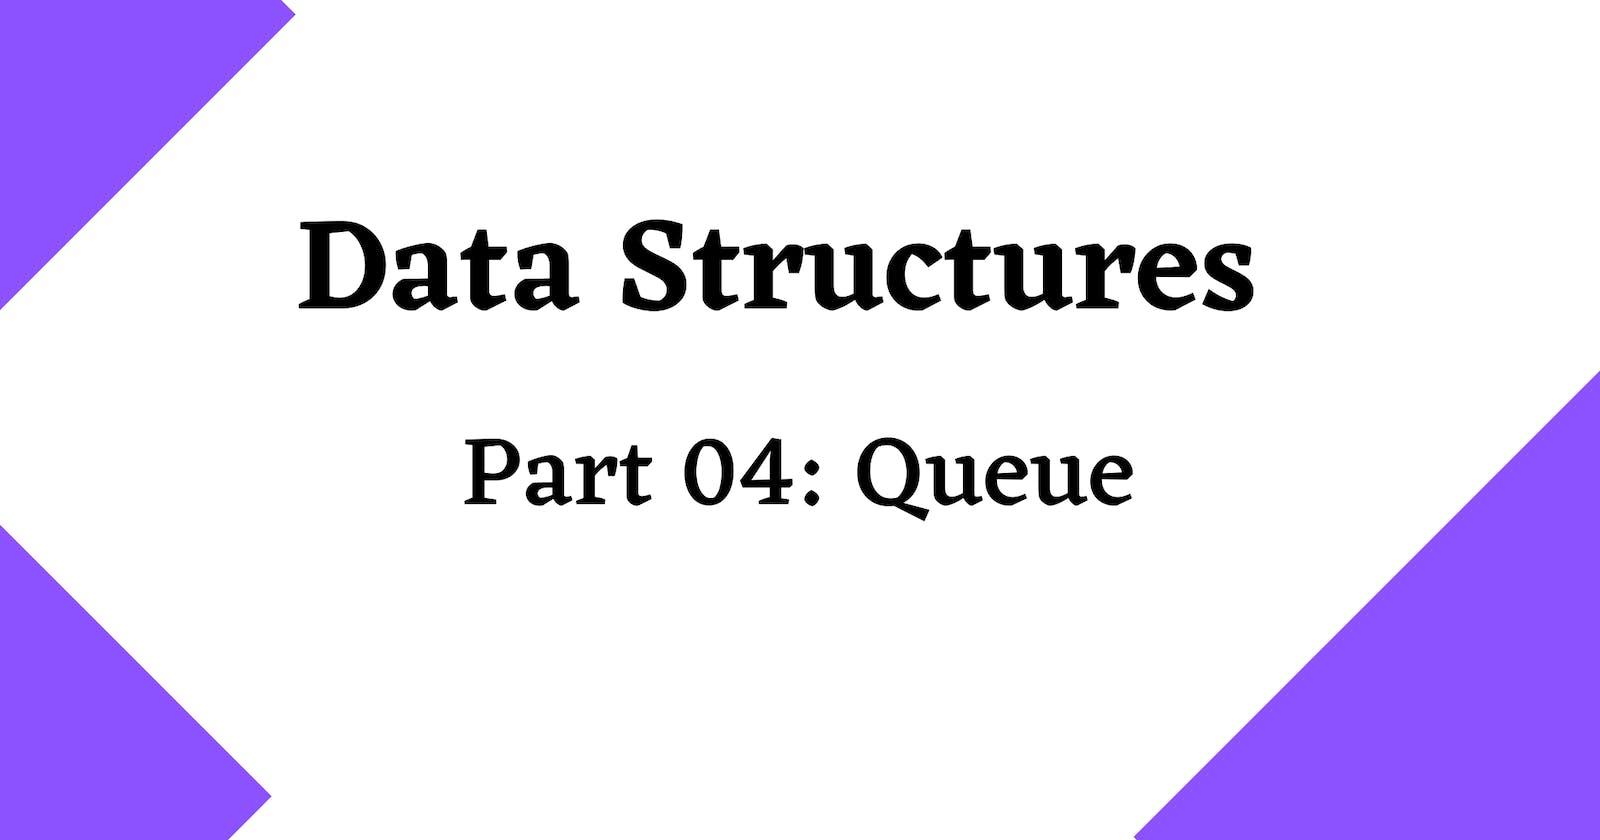 Data structures 101 🏻 : Queue